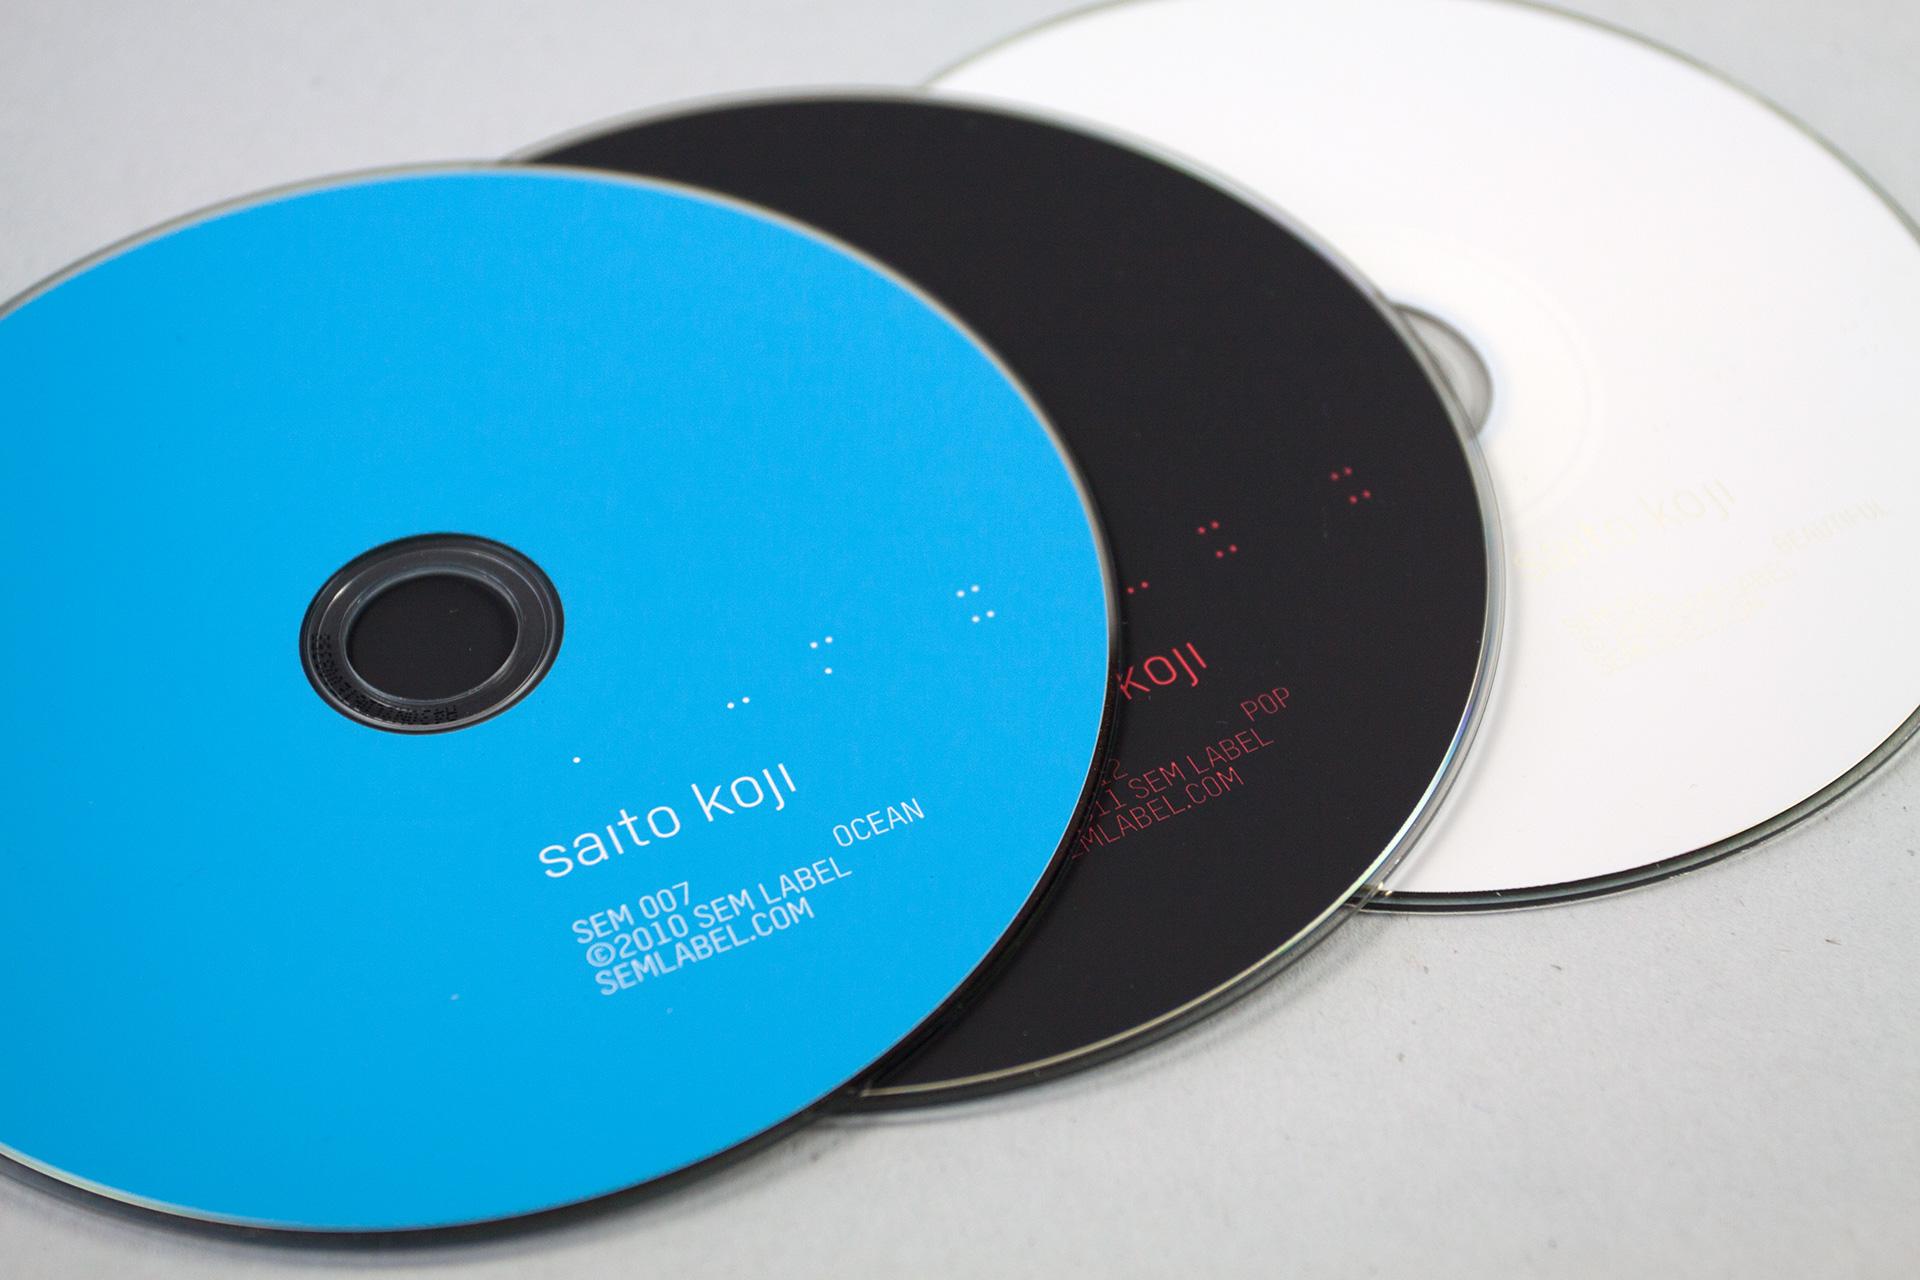 saito-koji-buero-ink-2